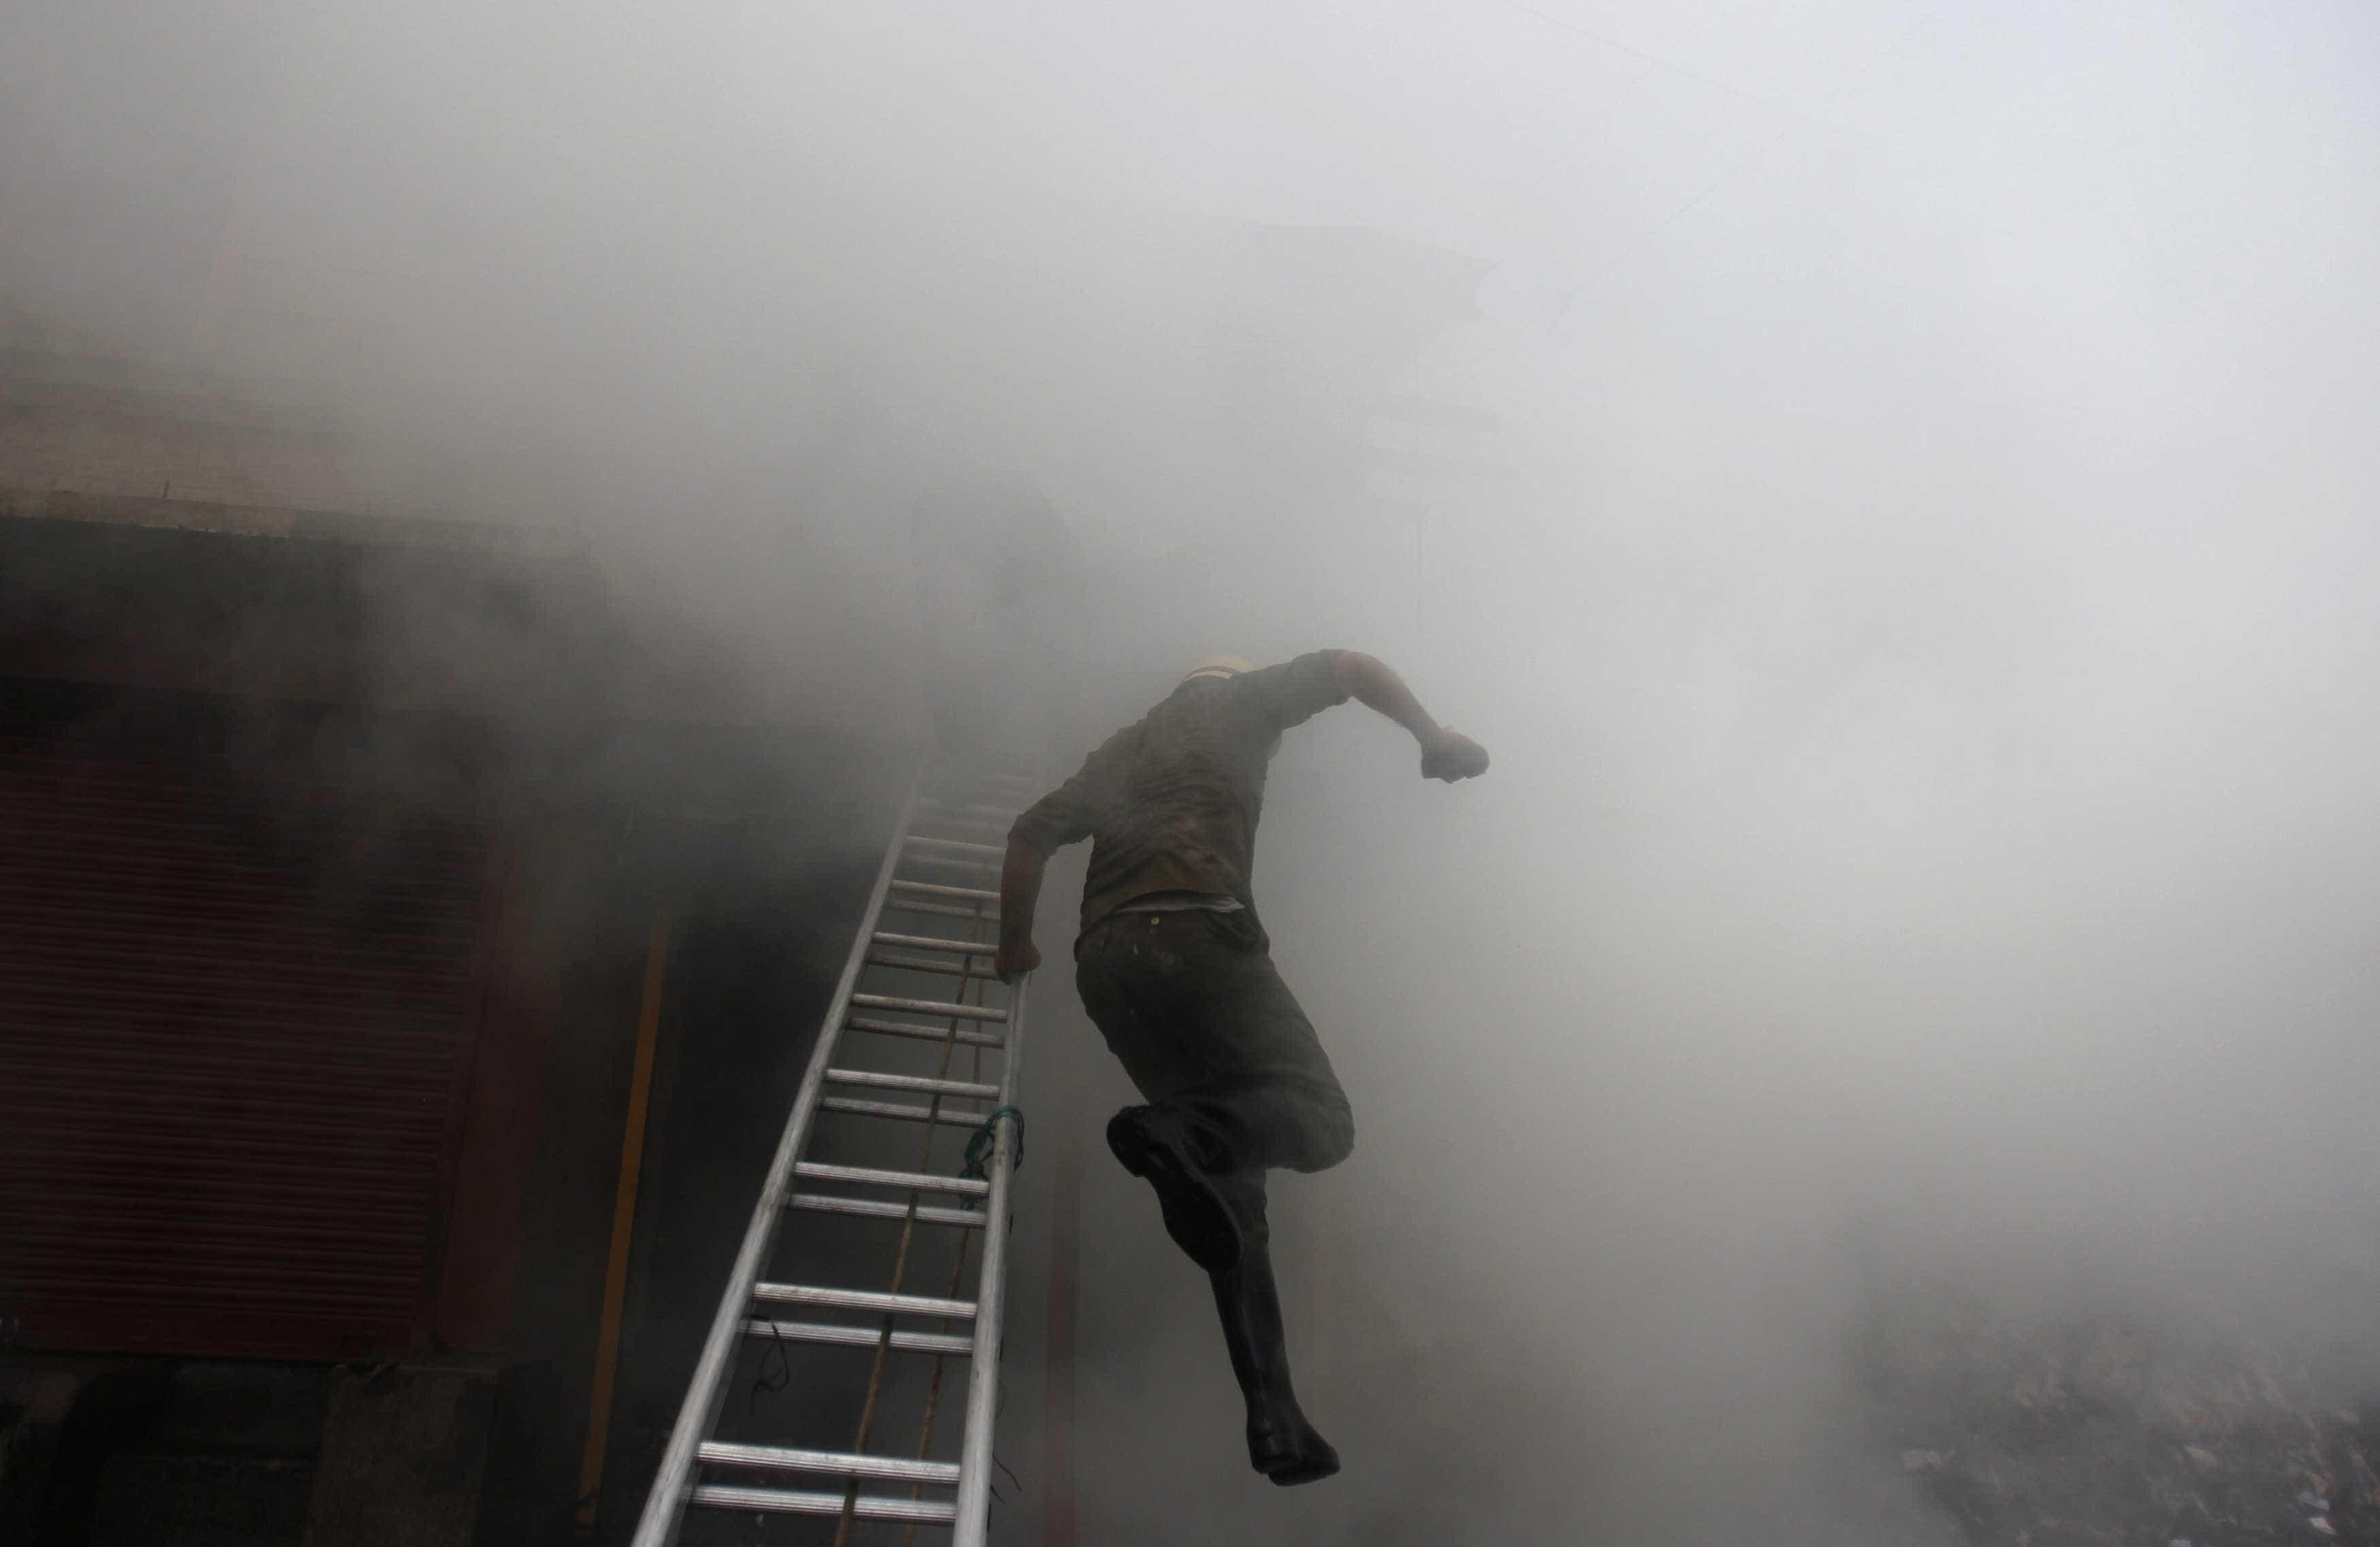 Oficina de automóveis tomada pelas chamas em Rio Tinto